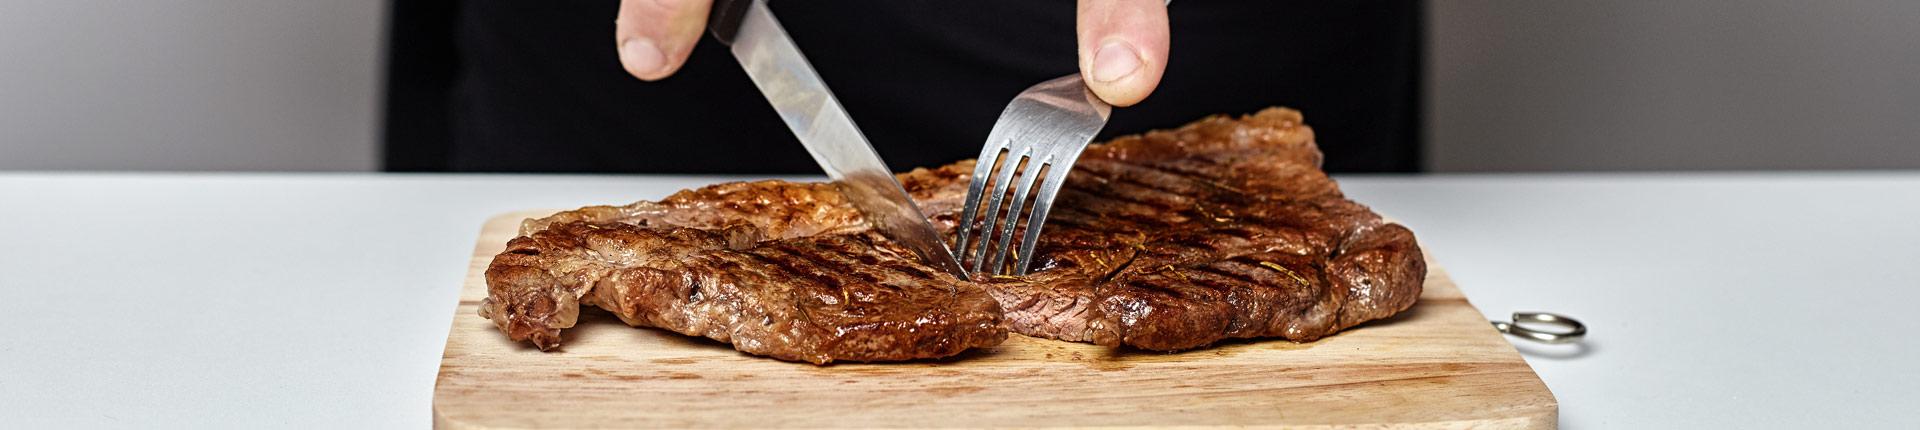 Mięso, odżywki białkowe i wege-ekstremizm. Co jest zdrowsze?